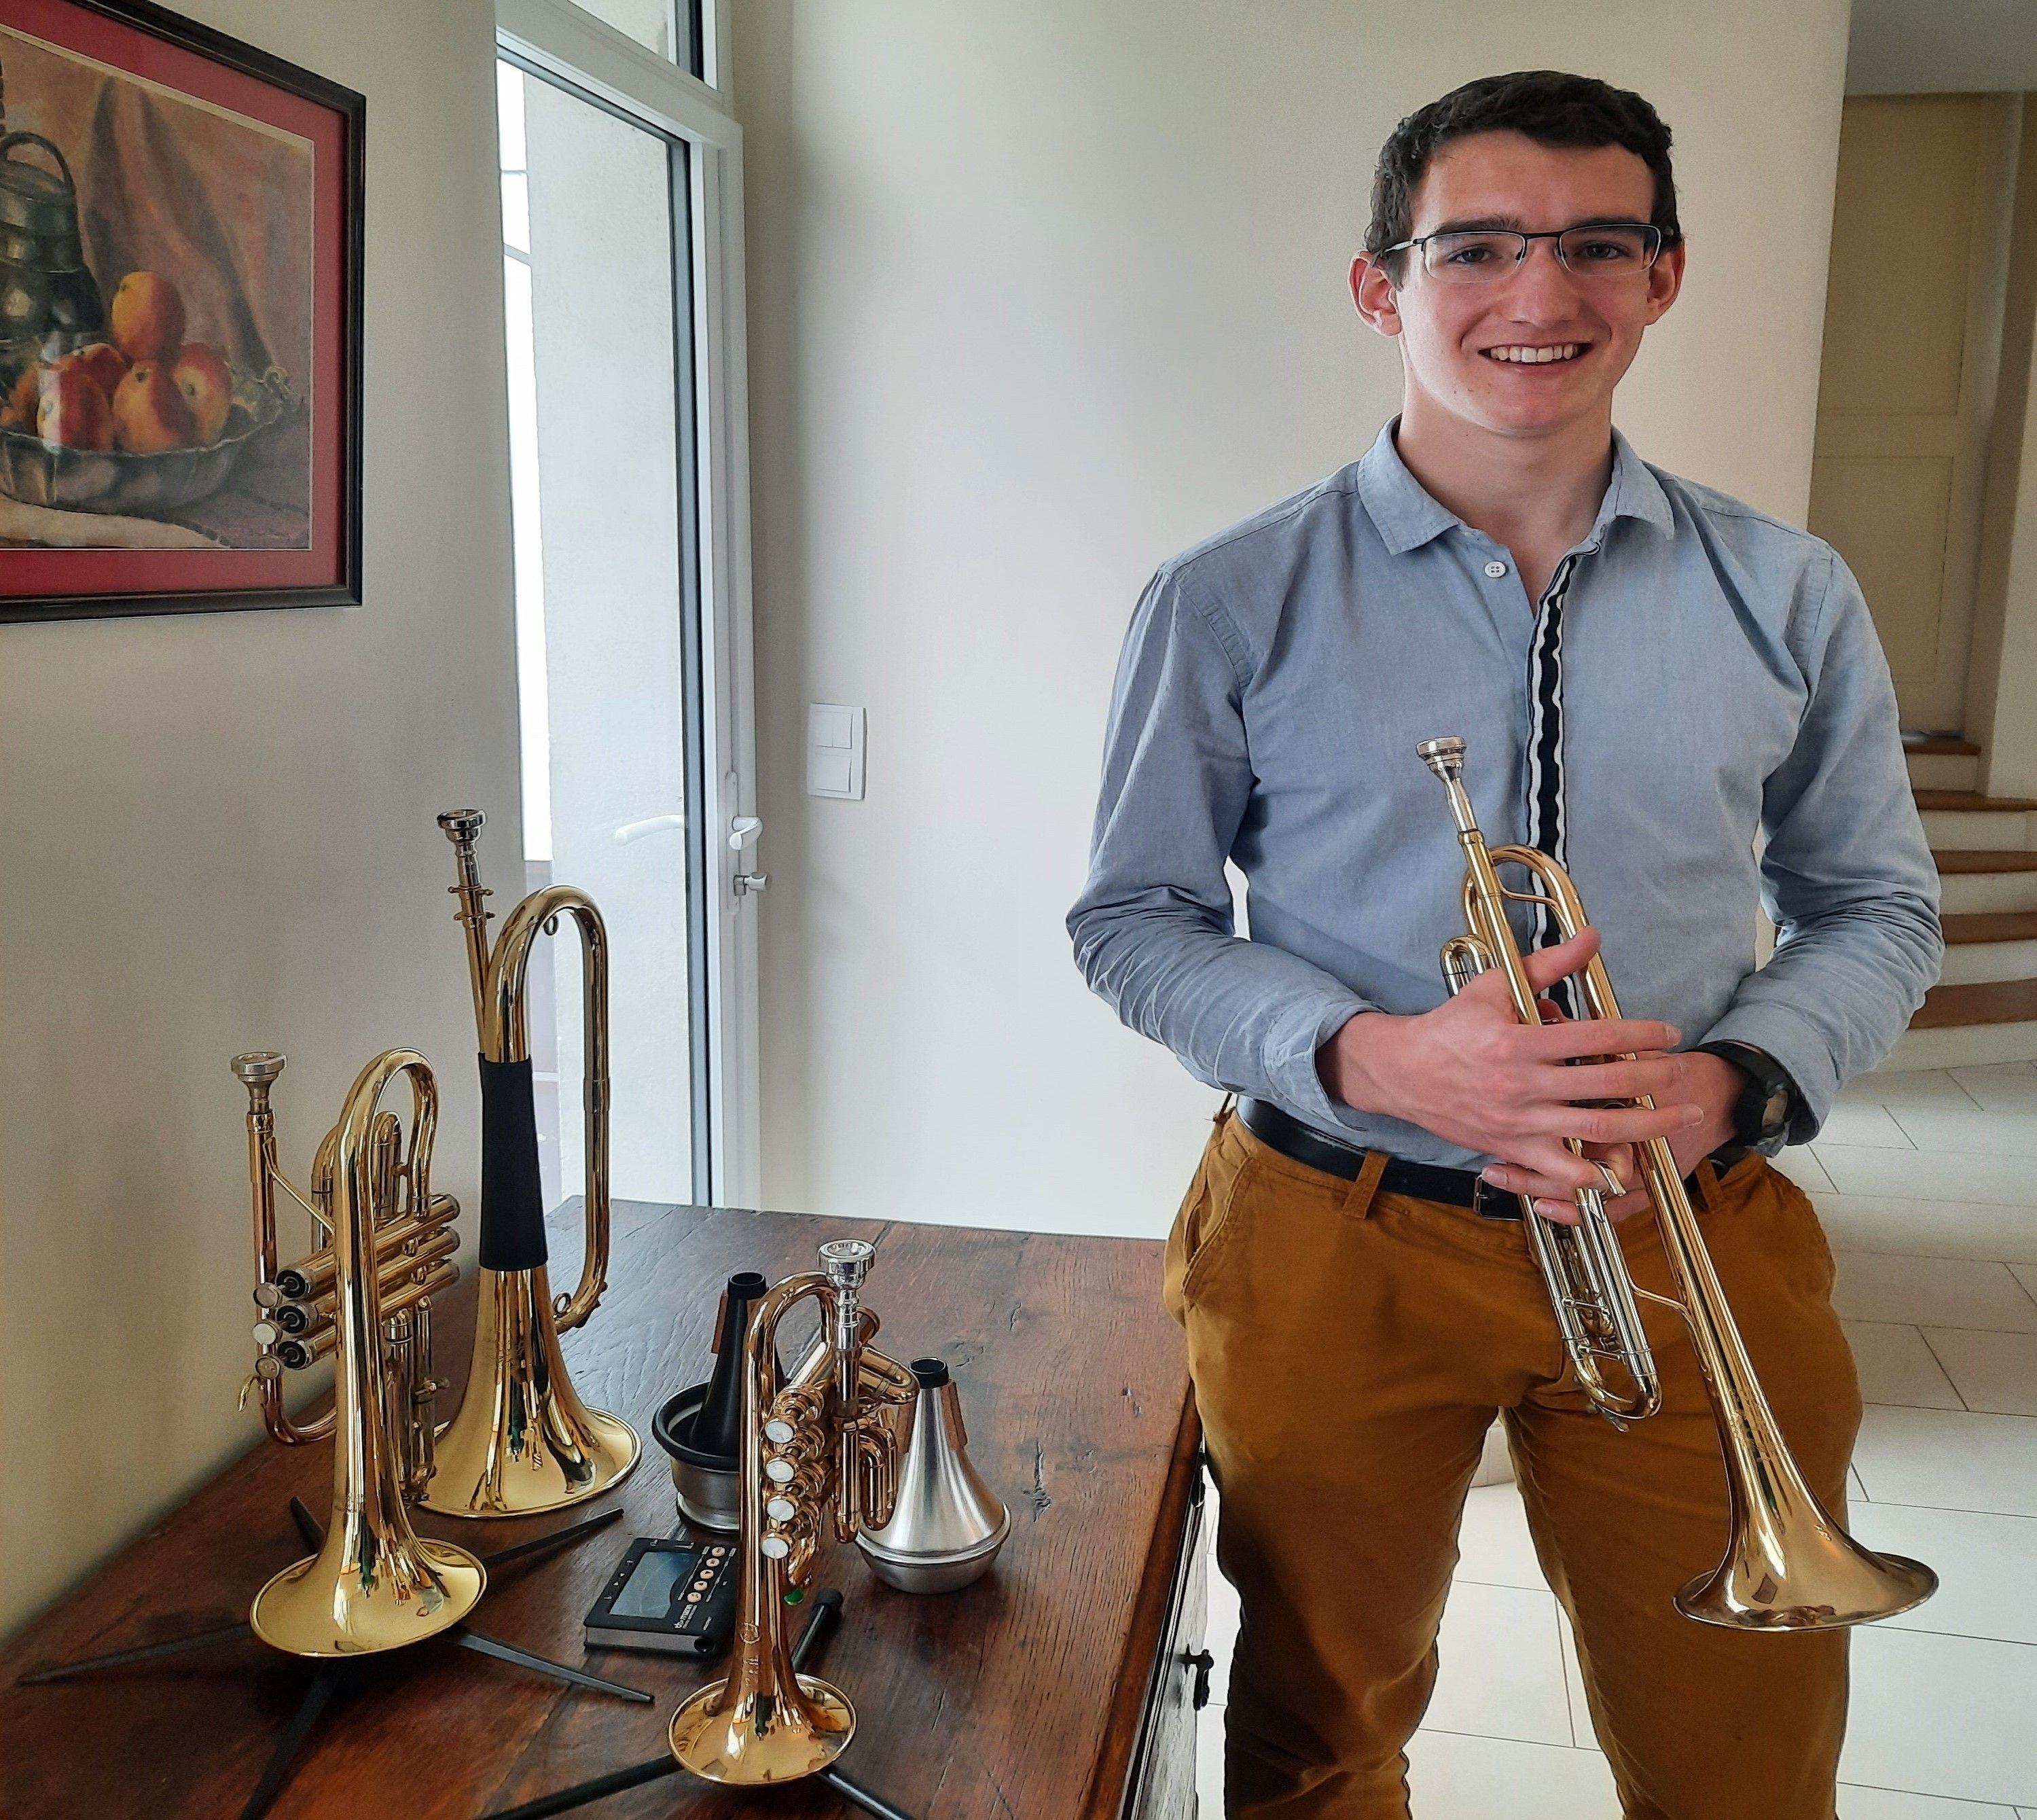 Propose cours de découverte/initiation de la trompette durant les vacances